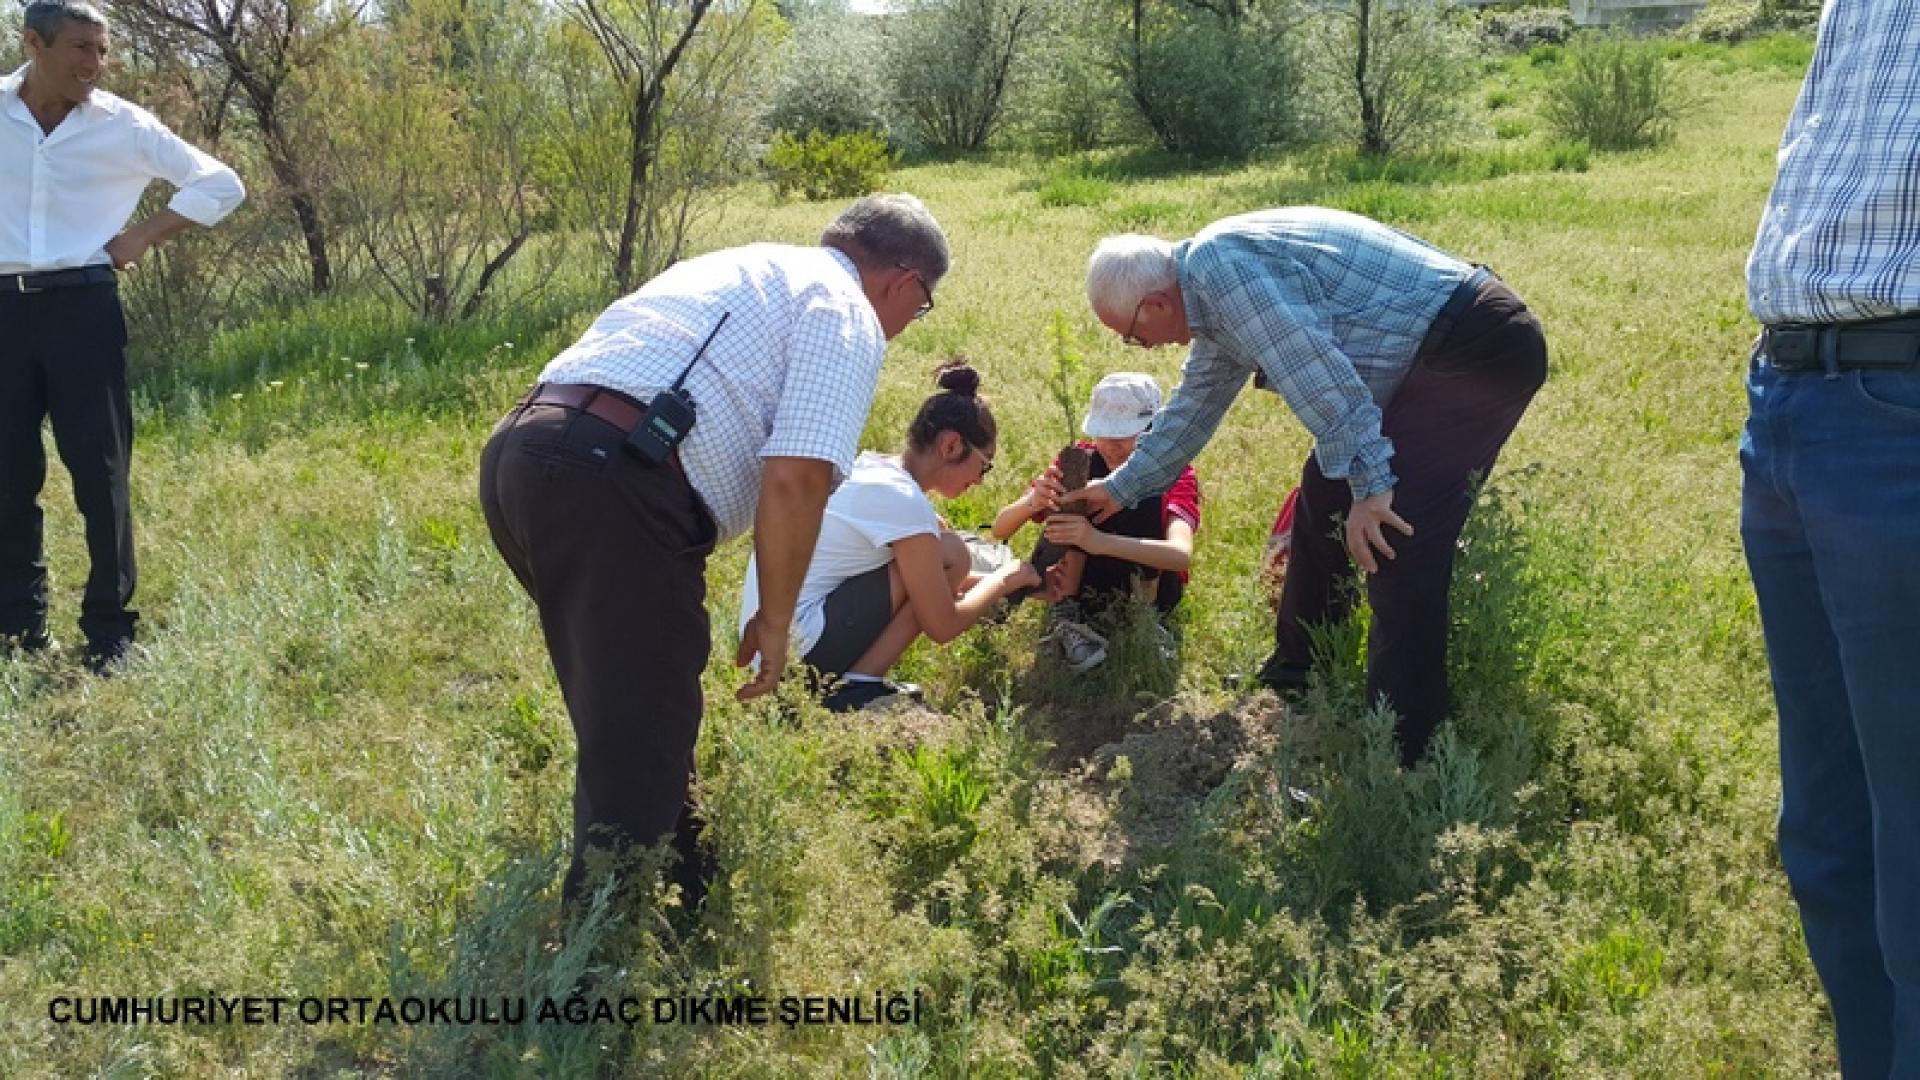 Cumhuriyet Ortaokulu Ağaç Dikme Şenliği 1524827280 186